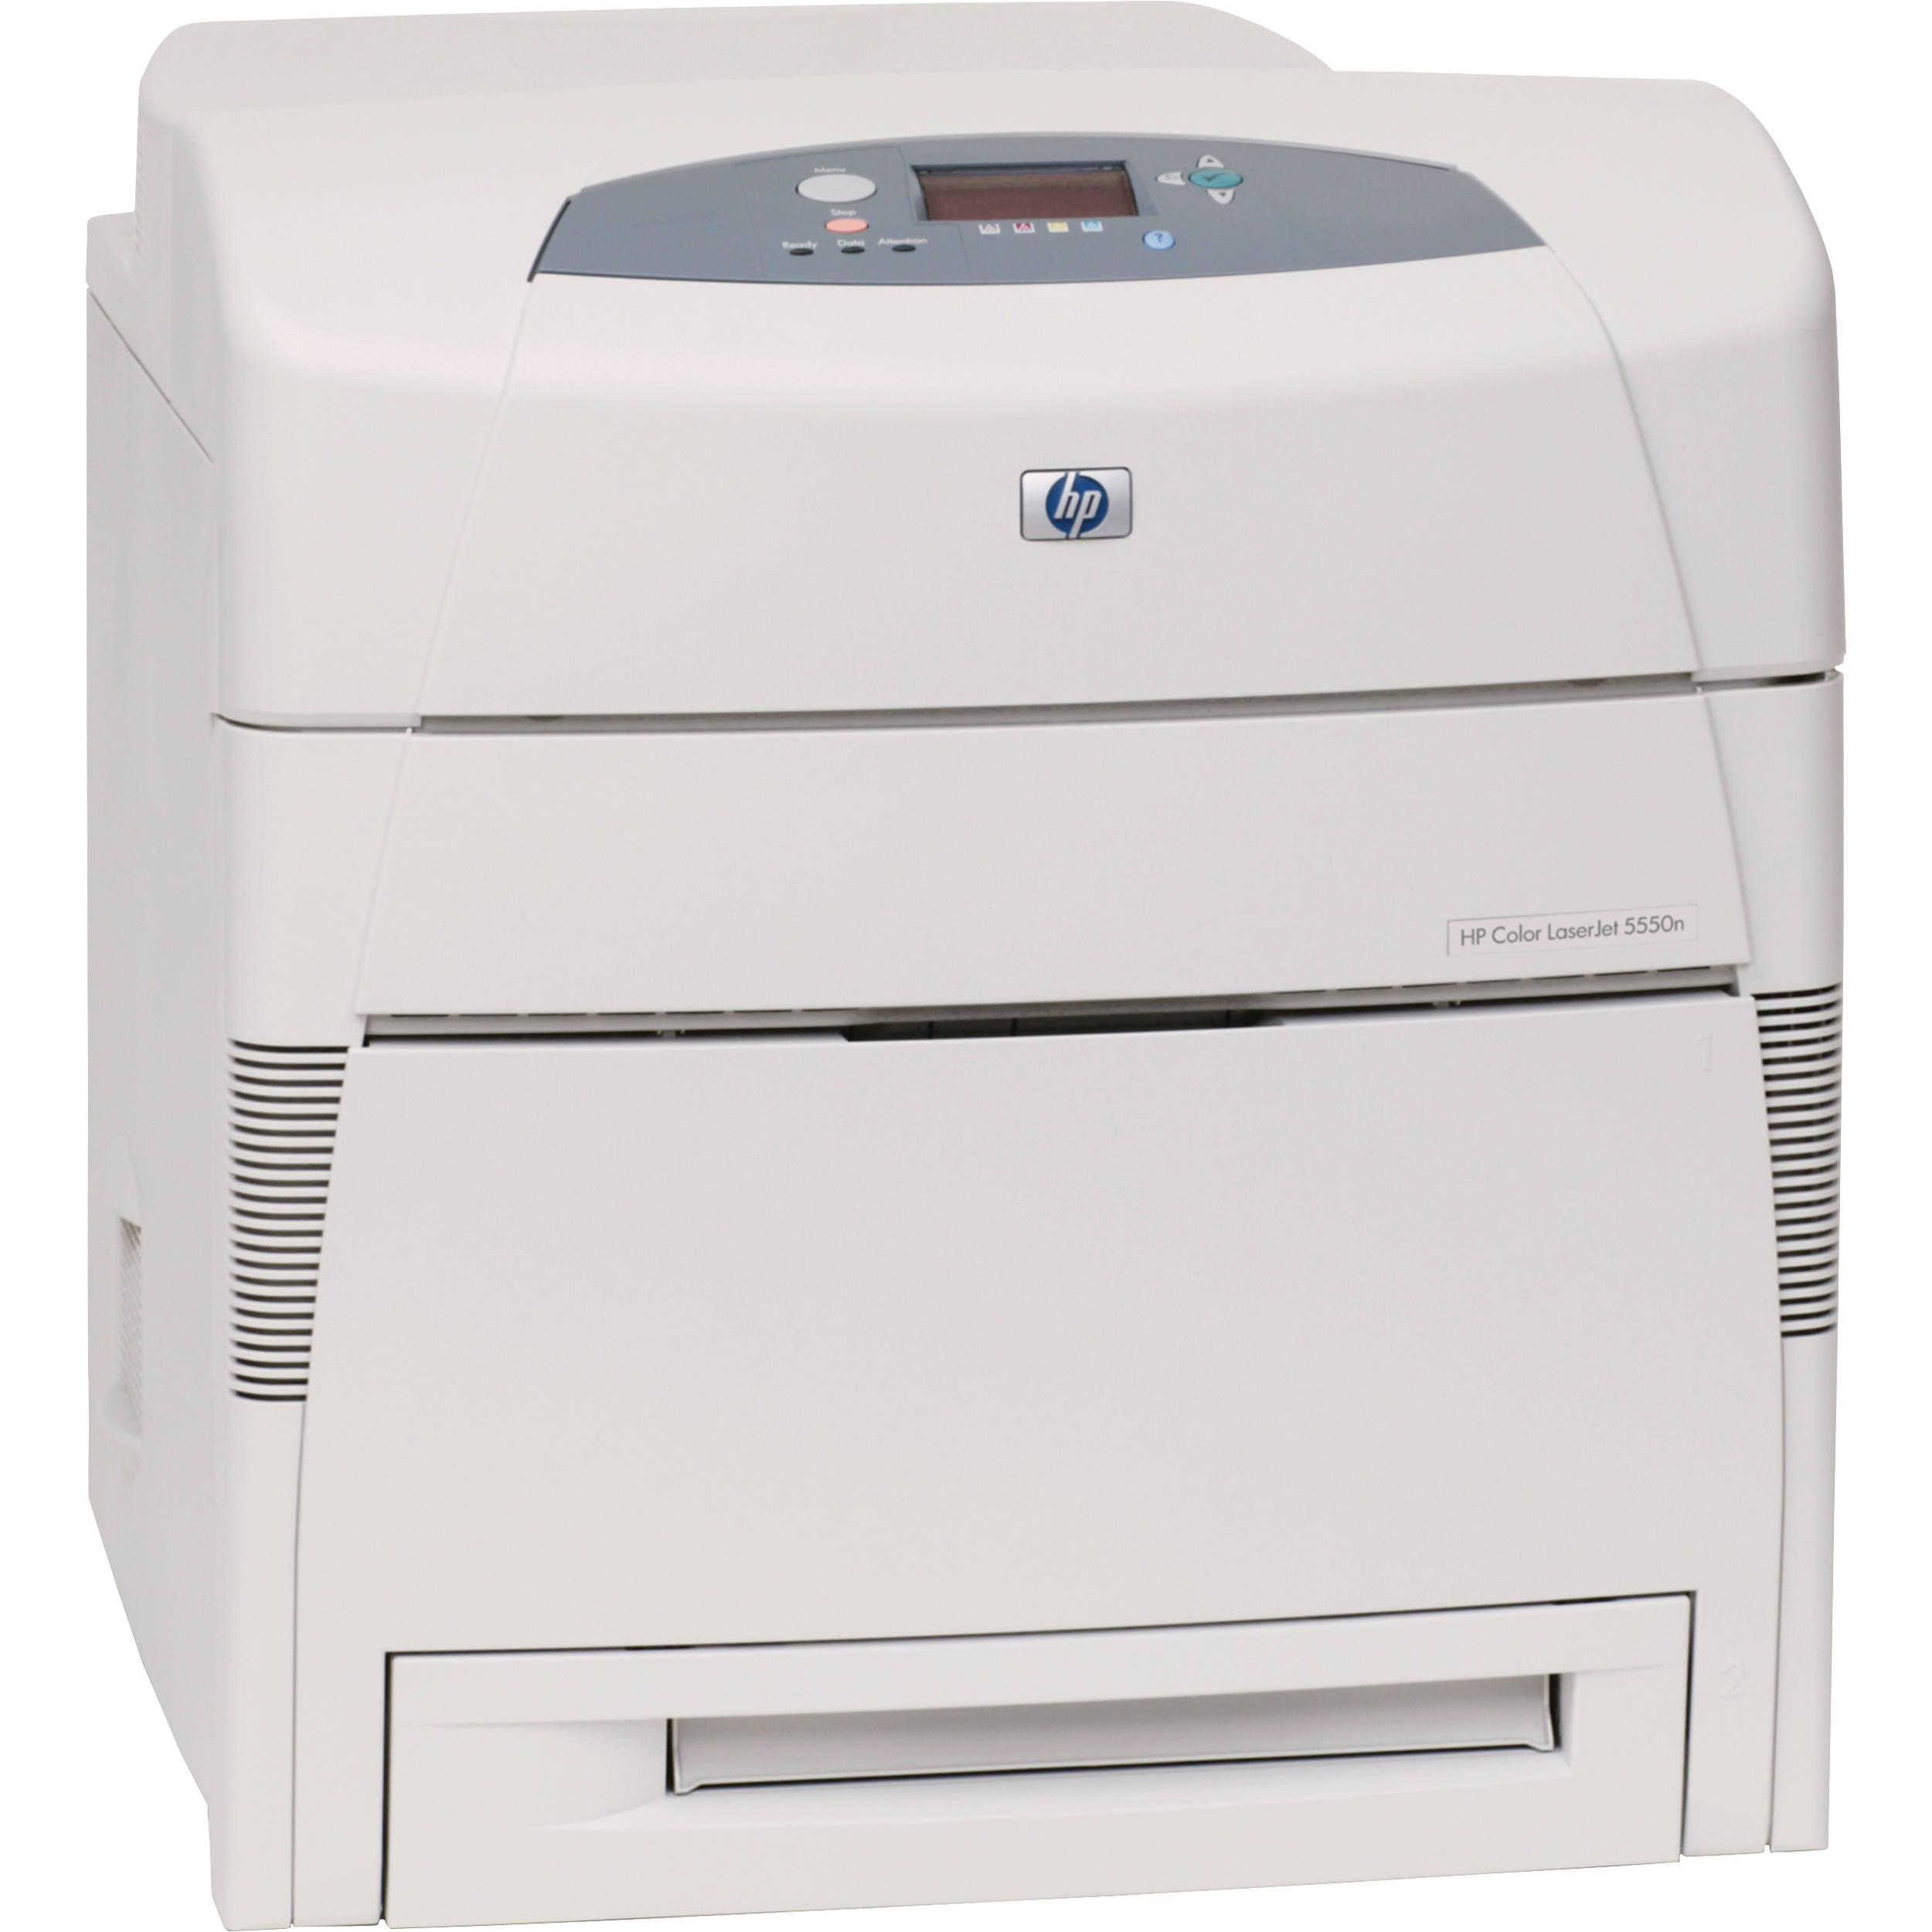 HP COLOR LASERJET 5500N TREIBER WINDOWS 7